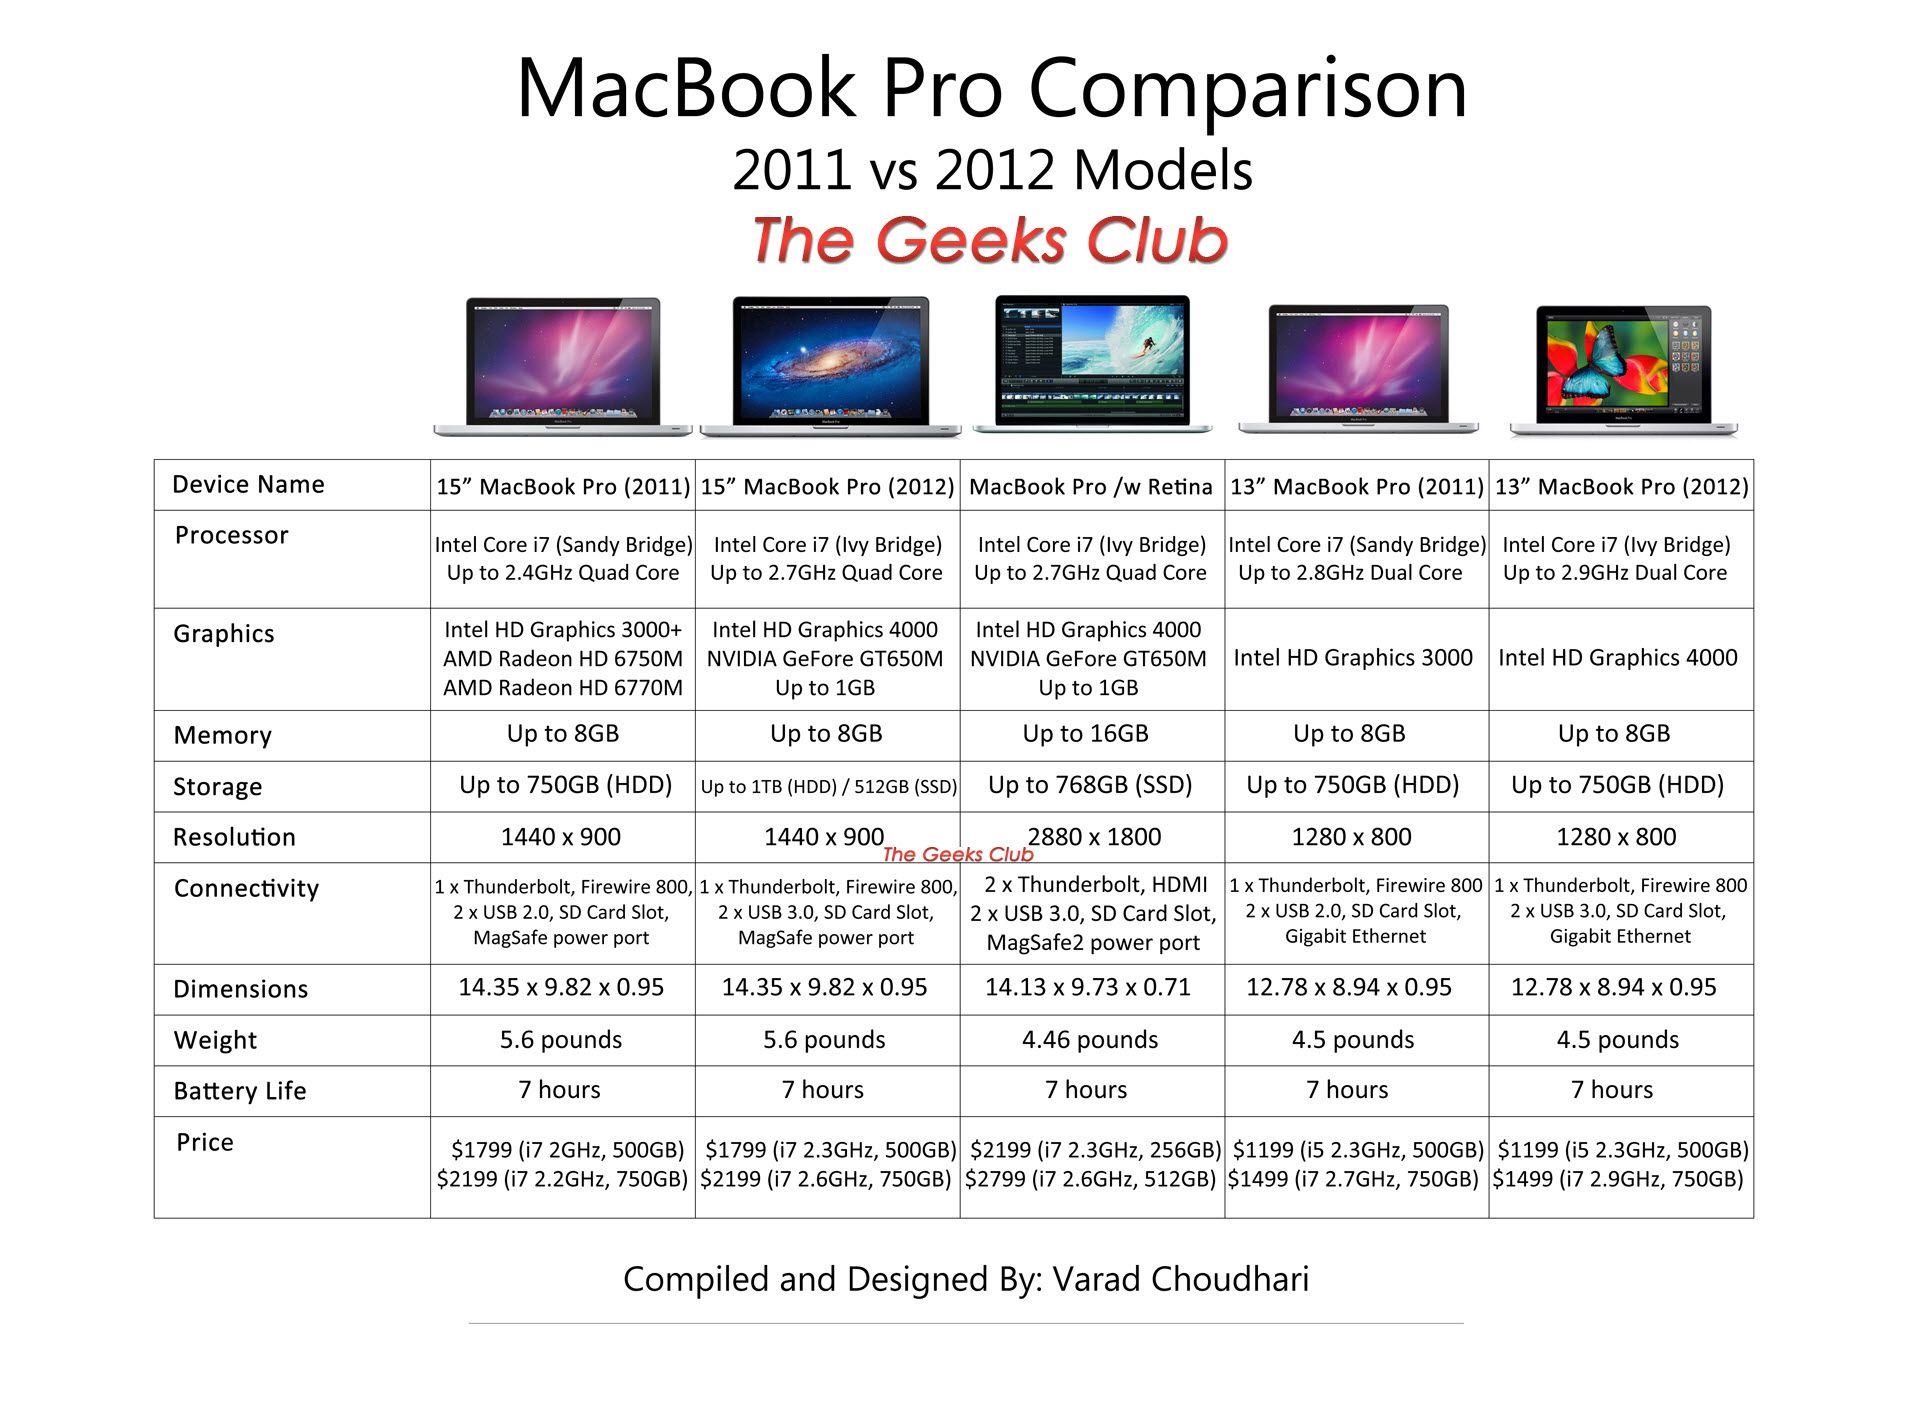 macbook pro spec   macbook freak   Pinterest   Macbook pro specs